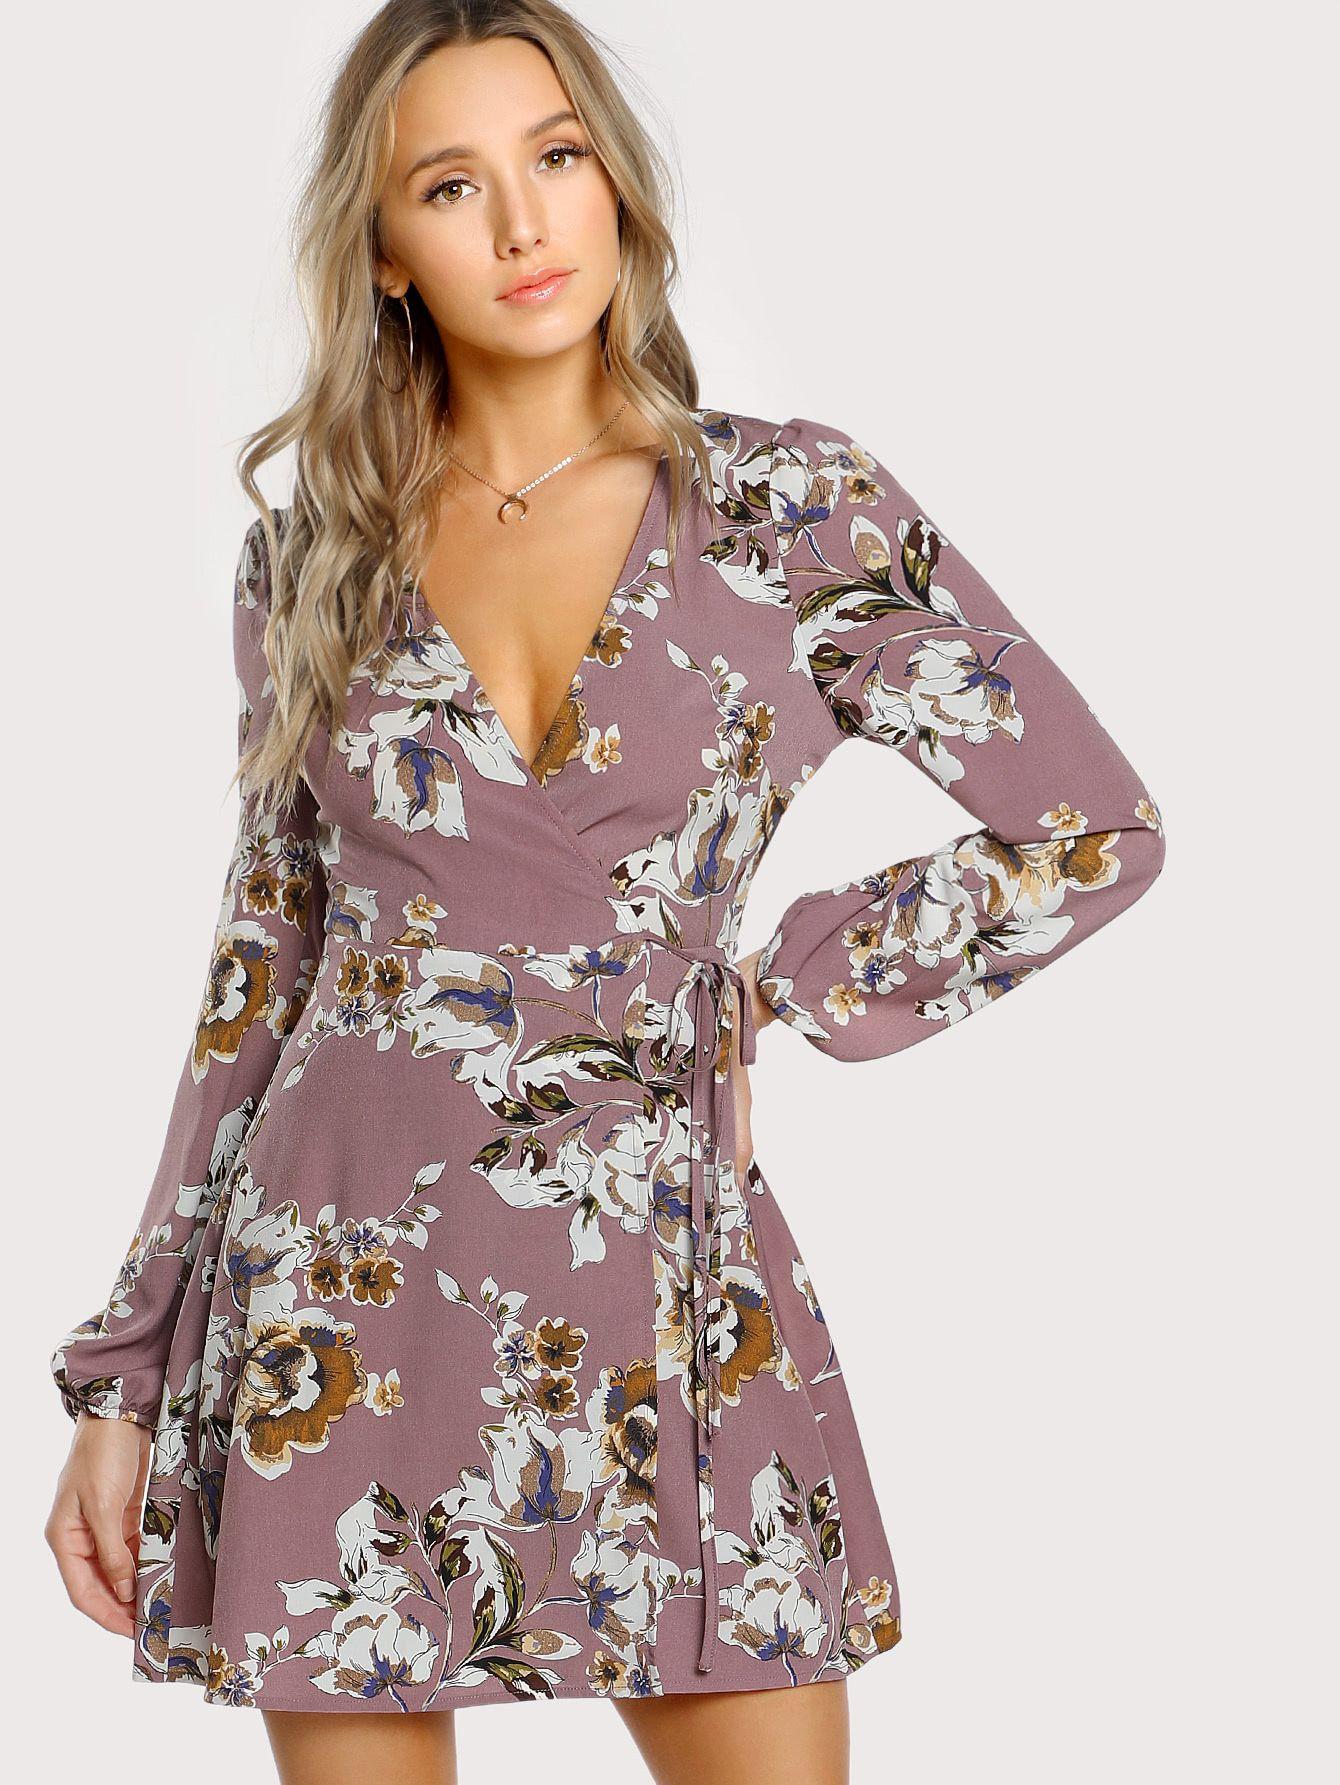 Shop Surplice Wrap Floral Dress Online Shein Offers Surplice Wrap Floral Dress Amp More To Fit Your Fashio Floral Tea Dress Wrap Dress Floral Womens Dresses [ 1785 x 1340 Pixel ]